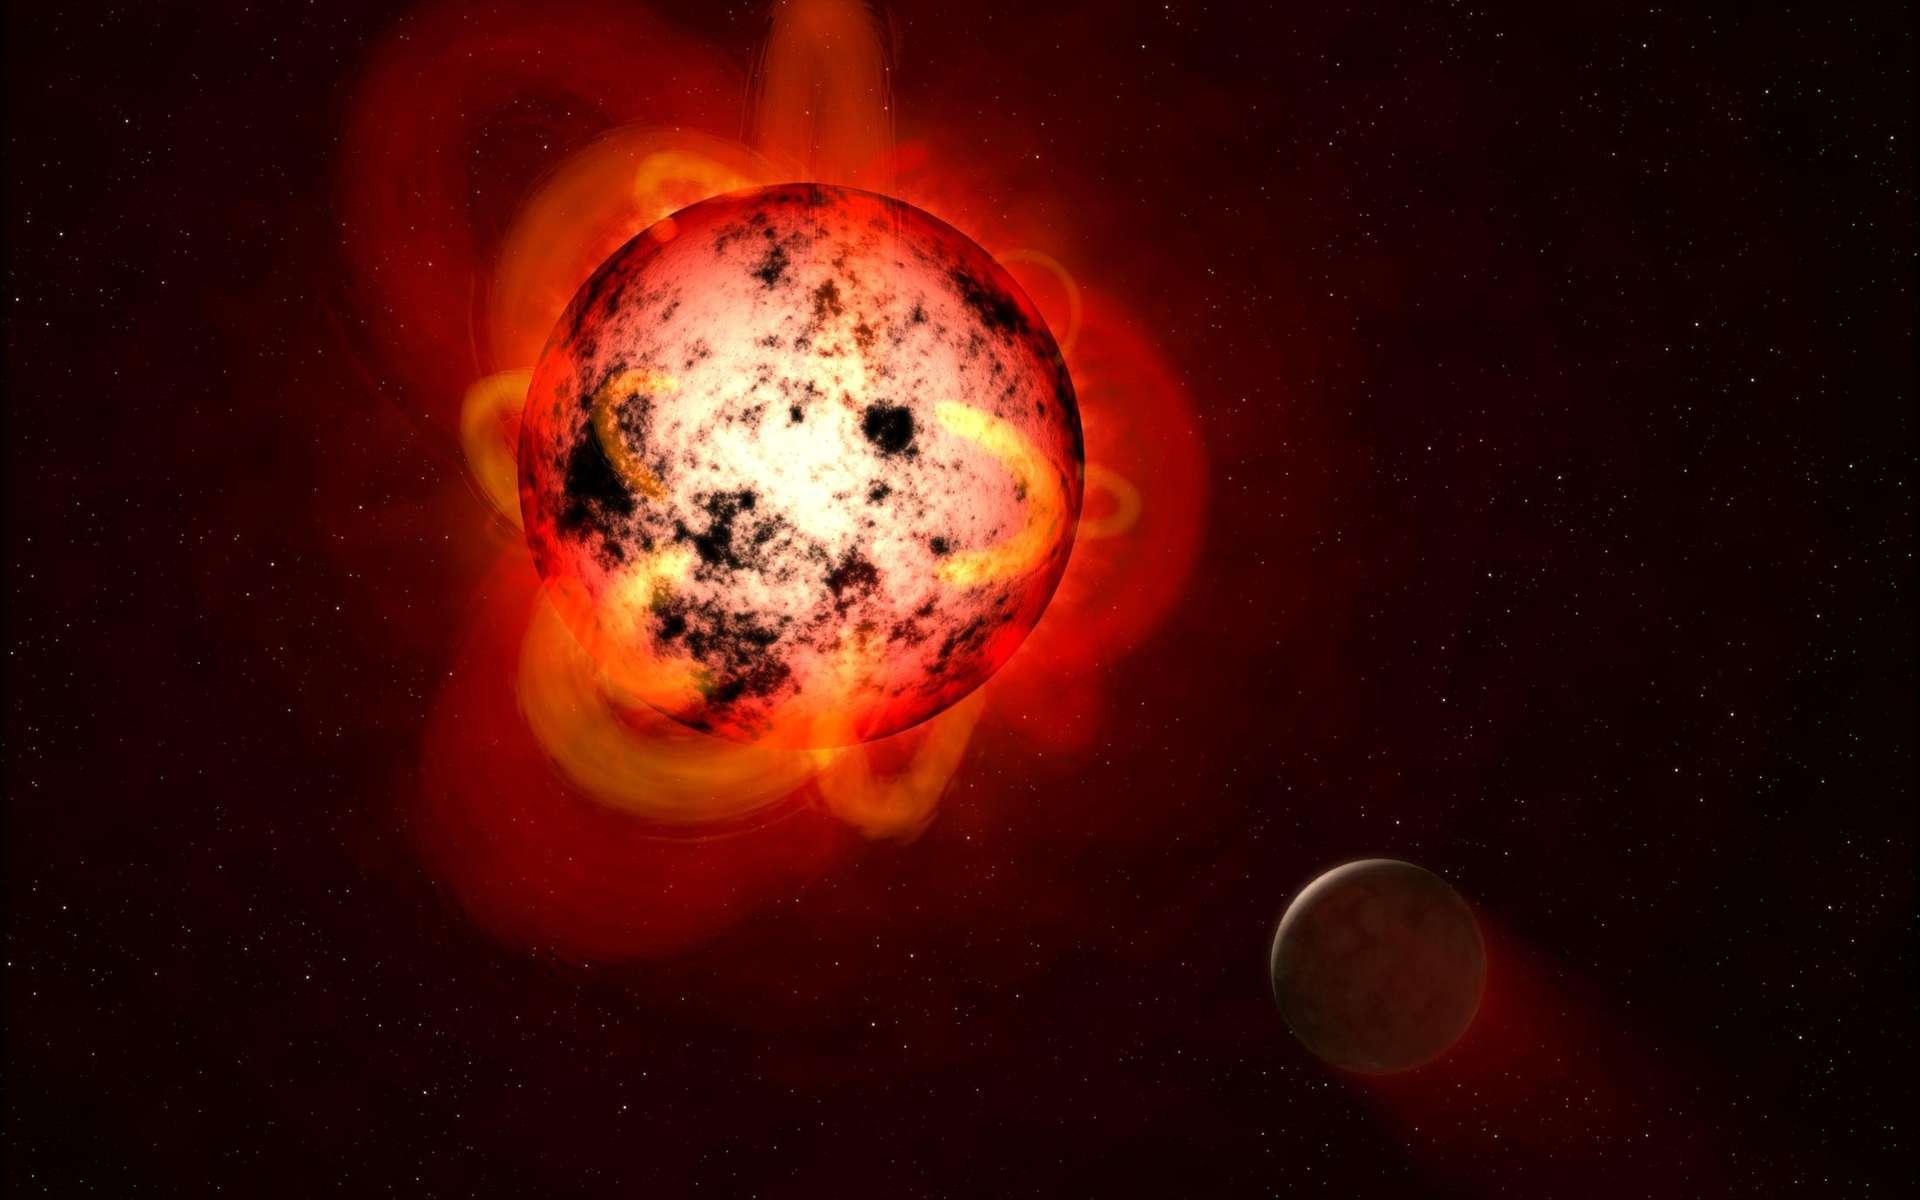 Illustration d'une planète rocheuse en orbite autour d'une naine rouge visiblement très active. © Nasa, ESA, G. Bacon (STScI)